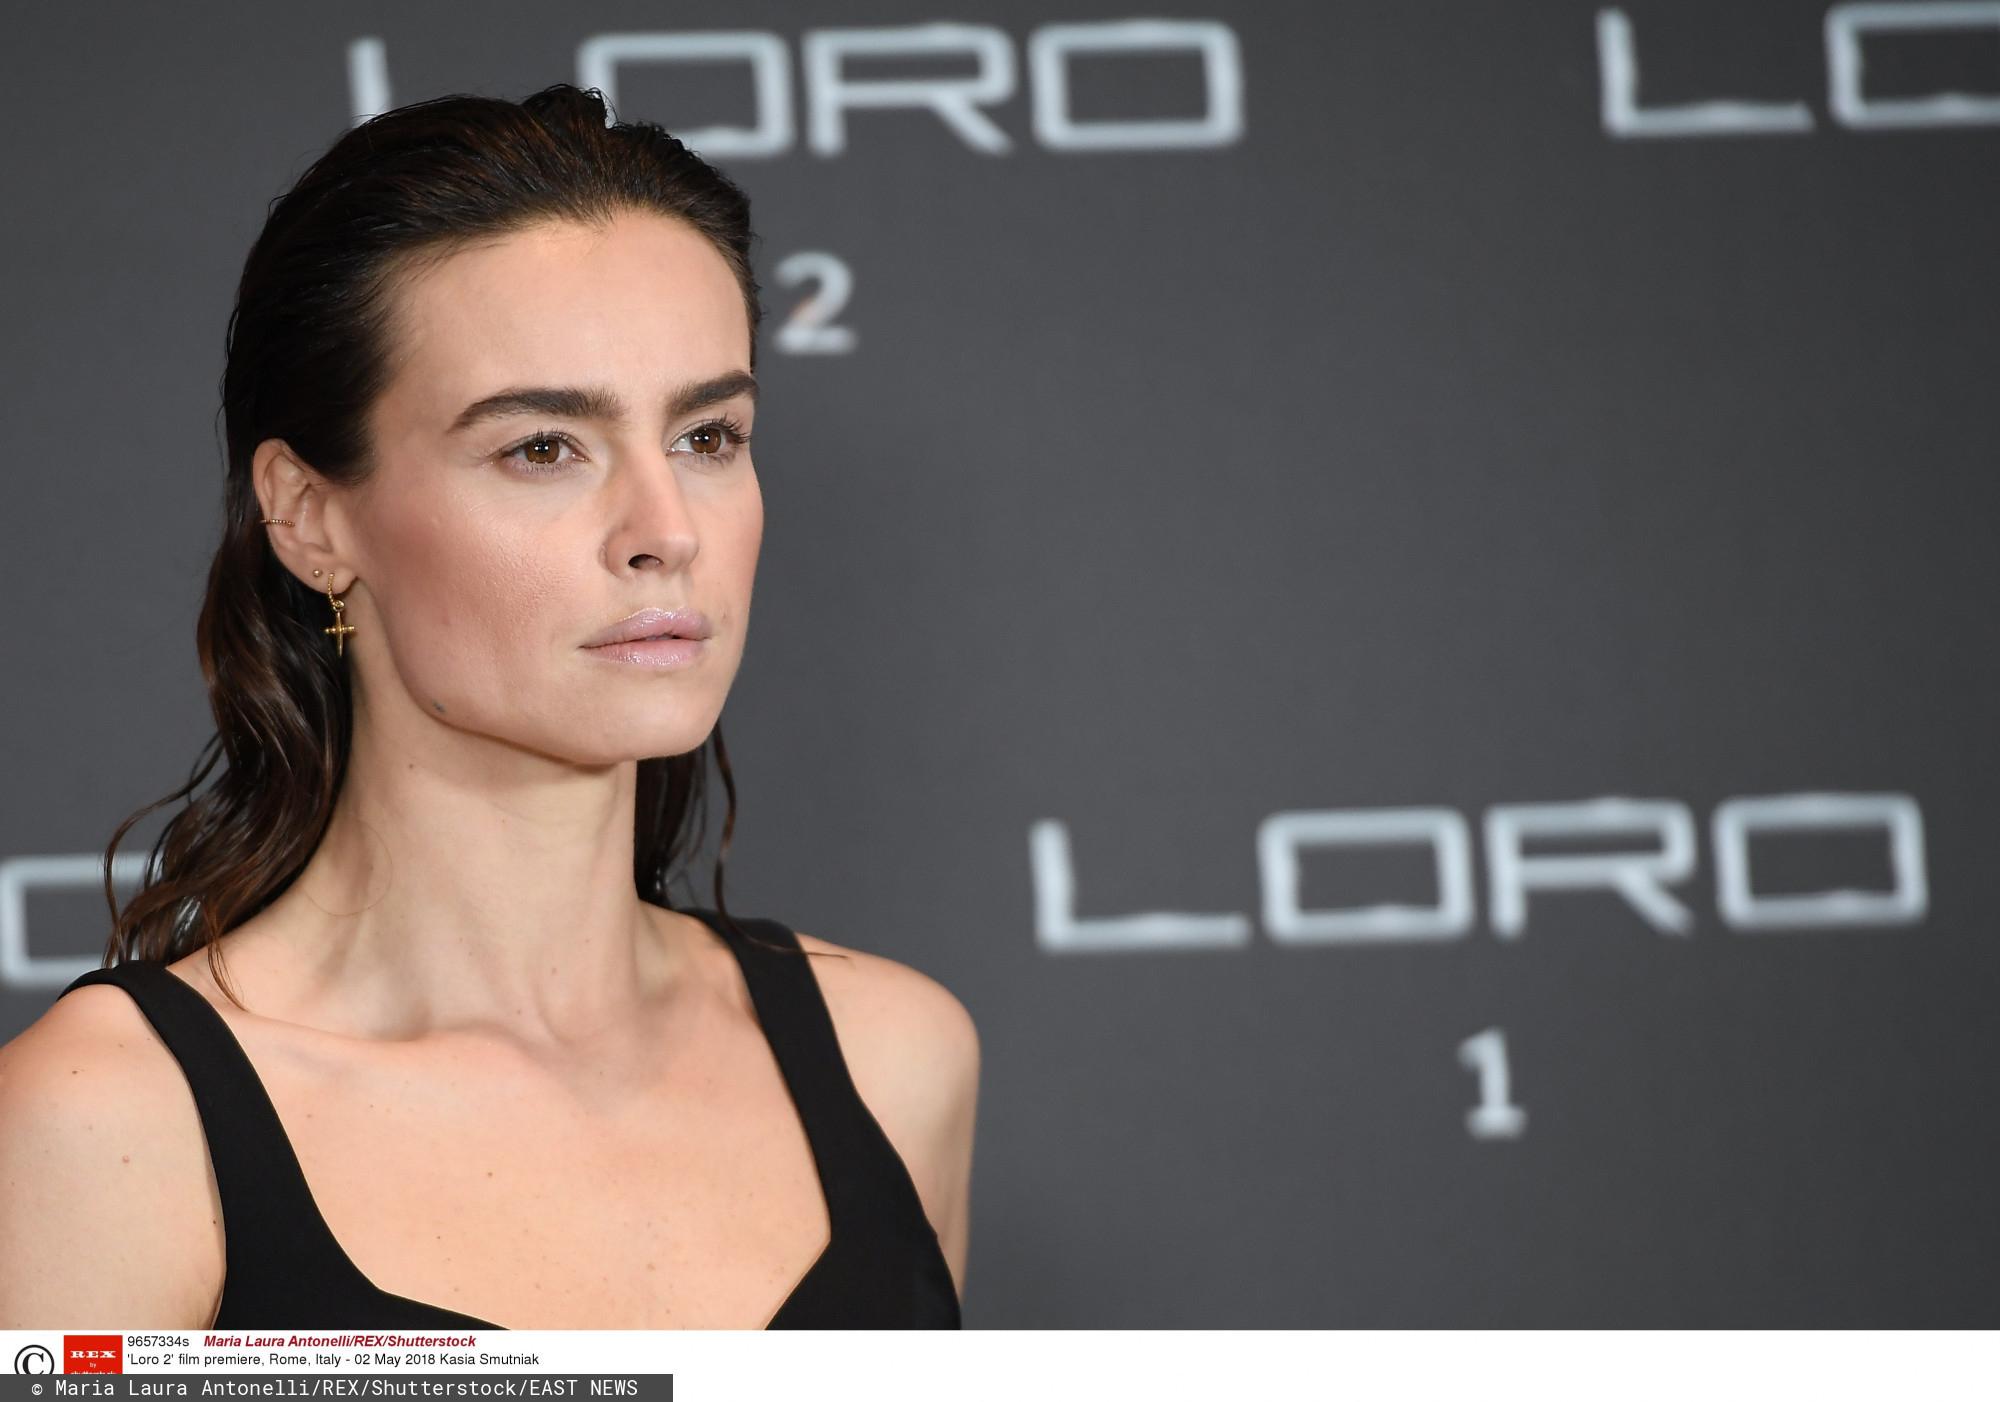 Polska aktorka przestała ukrywać chorobę. Pokazała się bez makijażu, widok zapiera dech w piersi